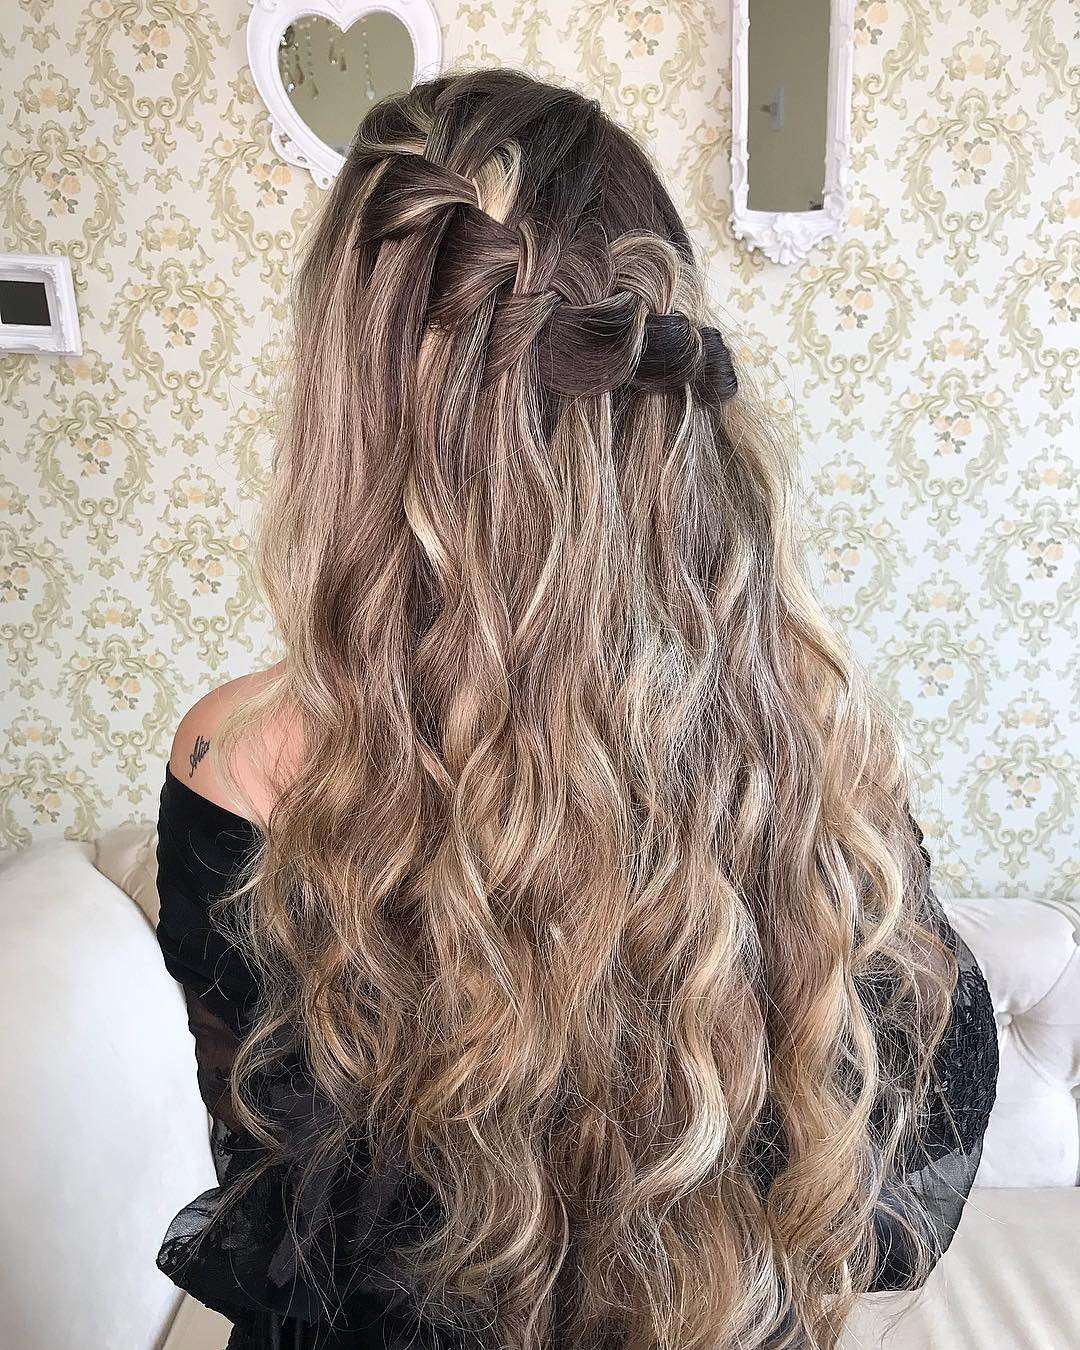 penteados de festa para cabelos ondulados